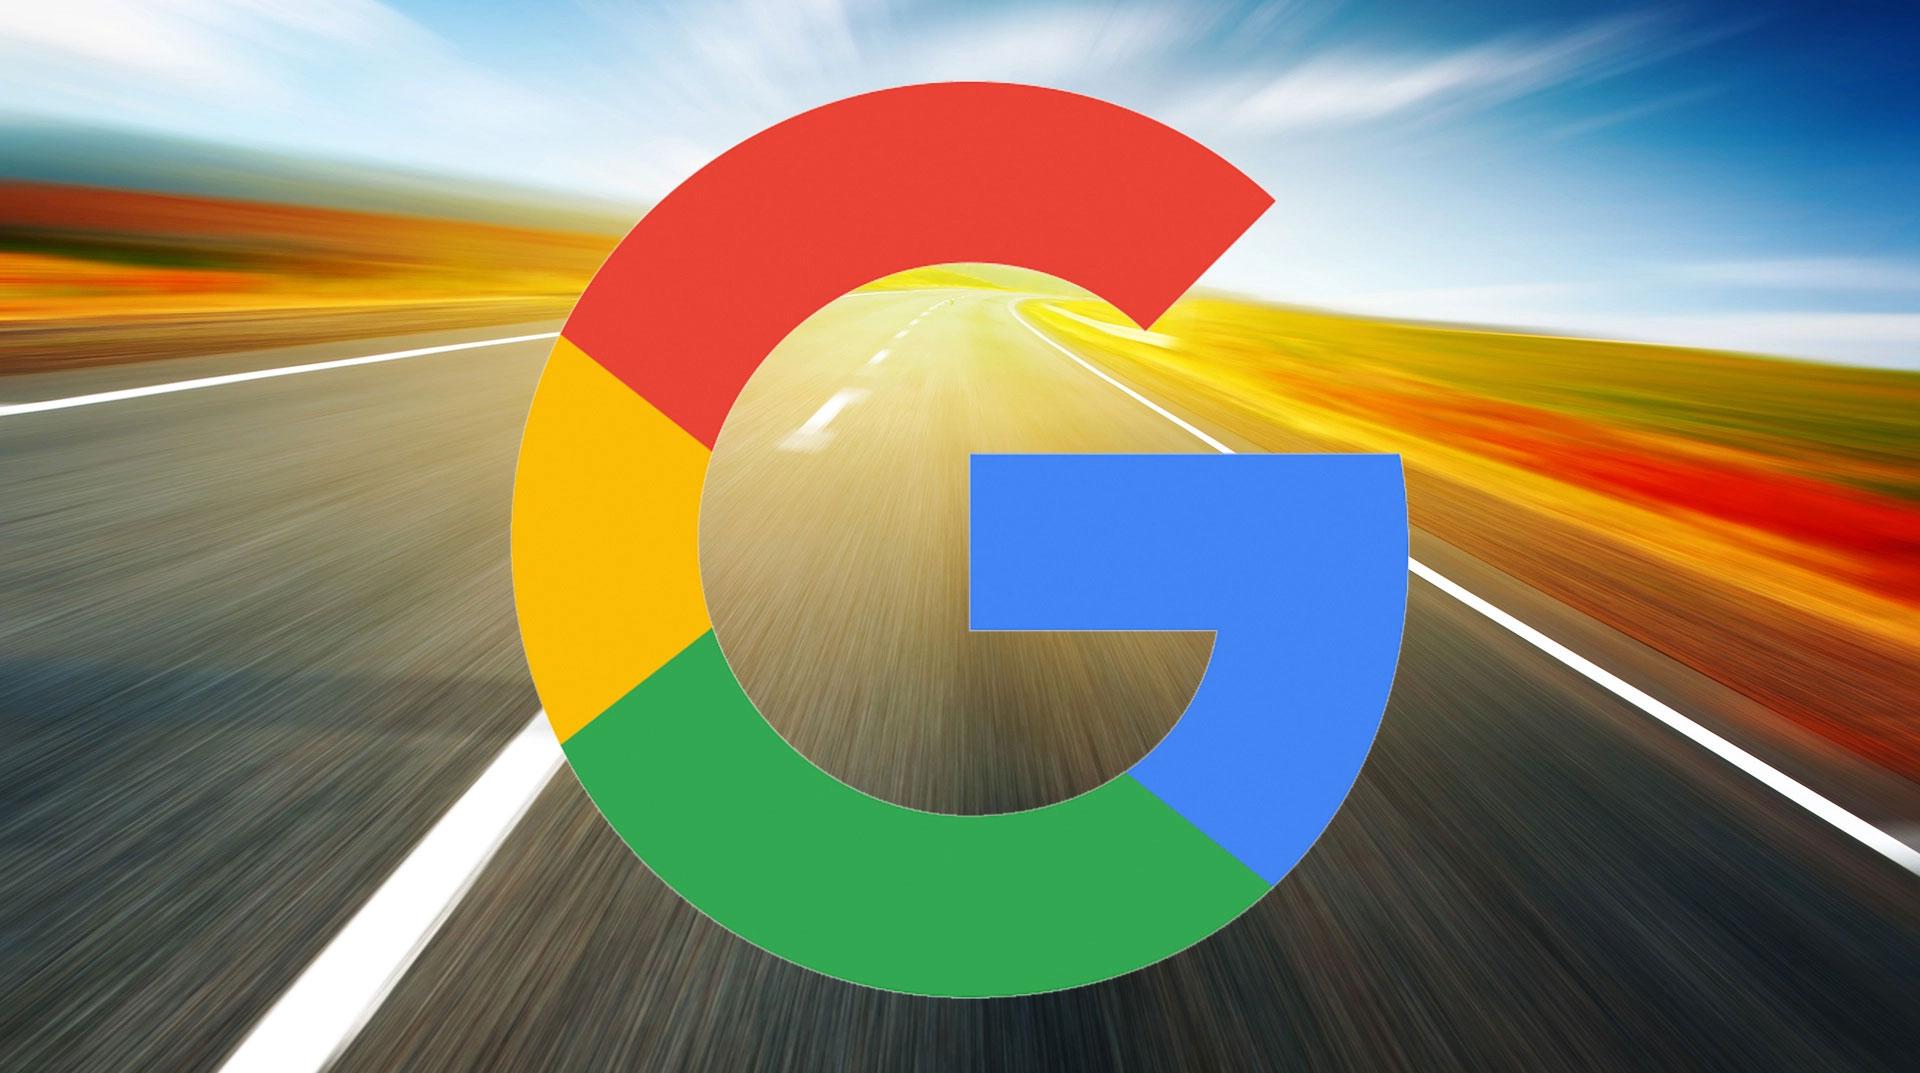 Google'dan Net Uyarı! O Uygulamaları Hemen Silin